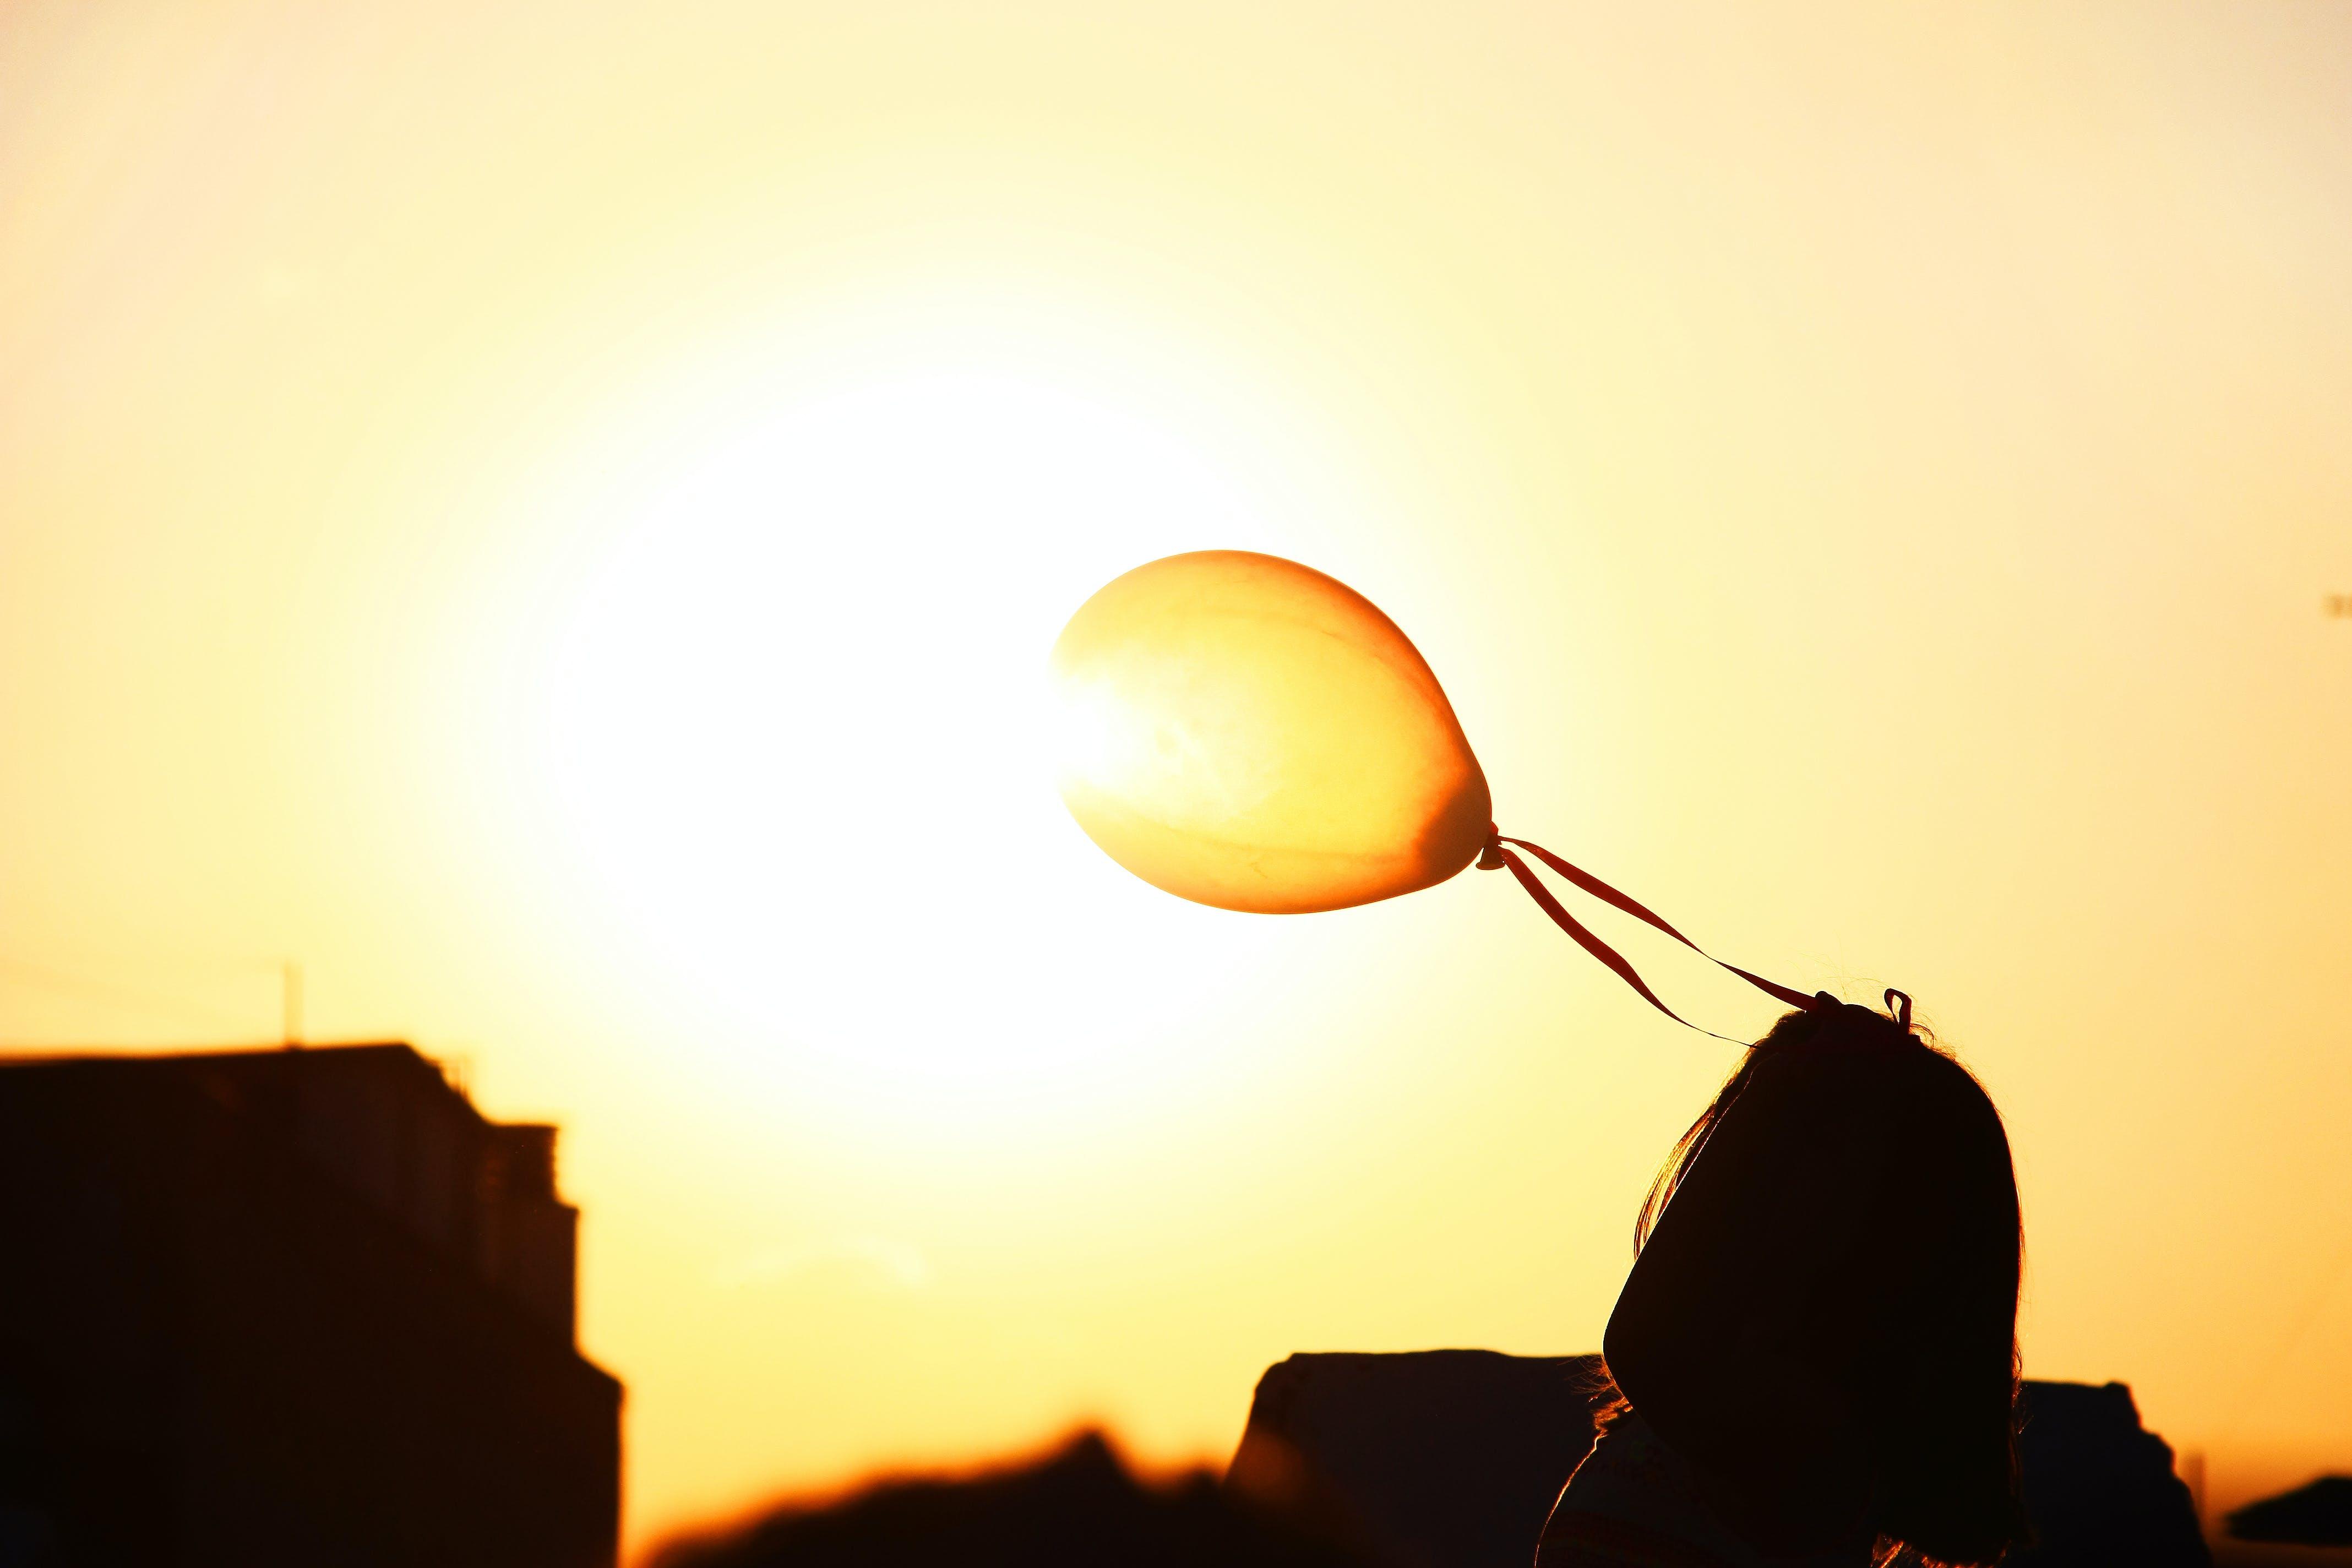 Kostenloses Stock Foto zu ballon, mädchen, orange, sonne